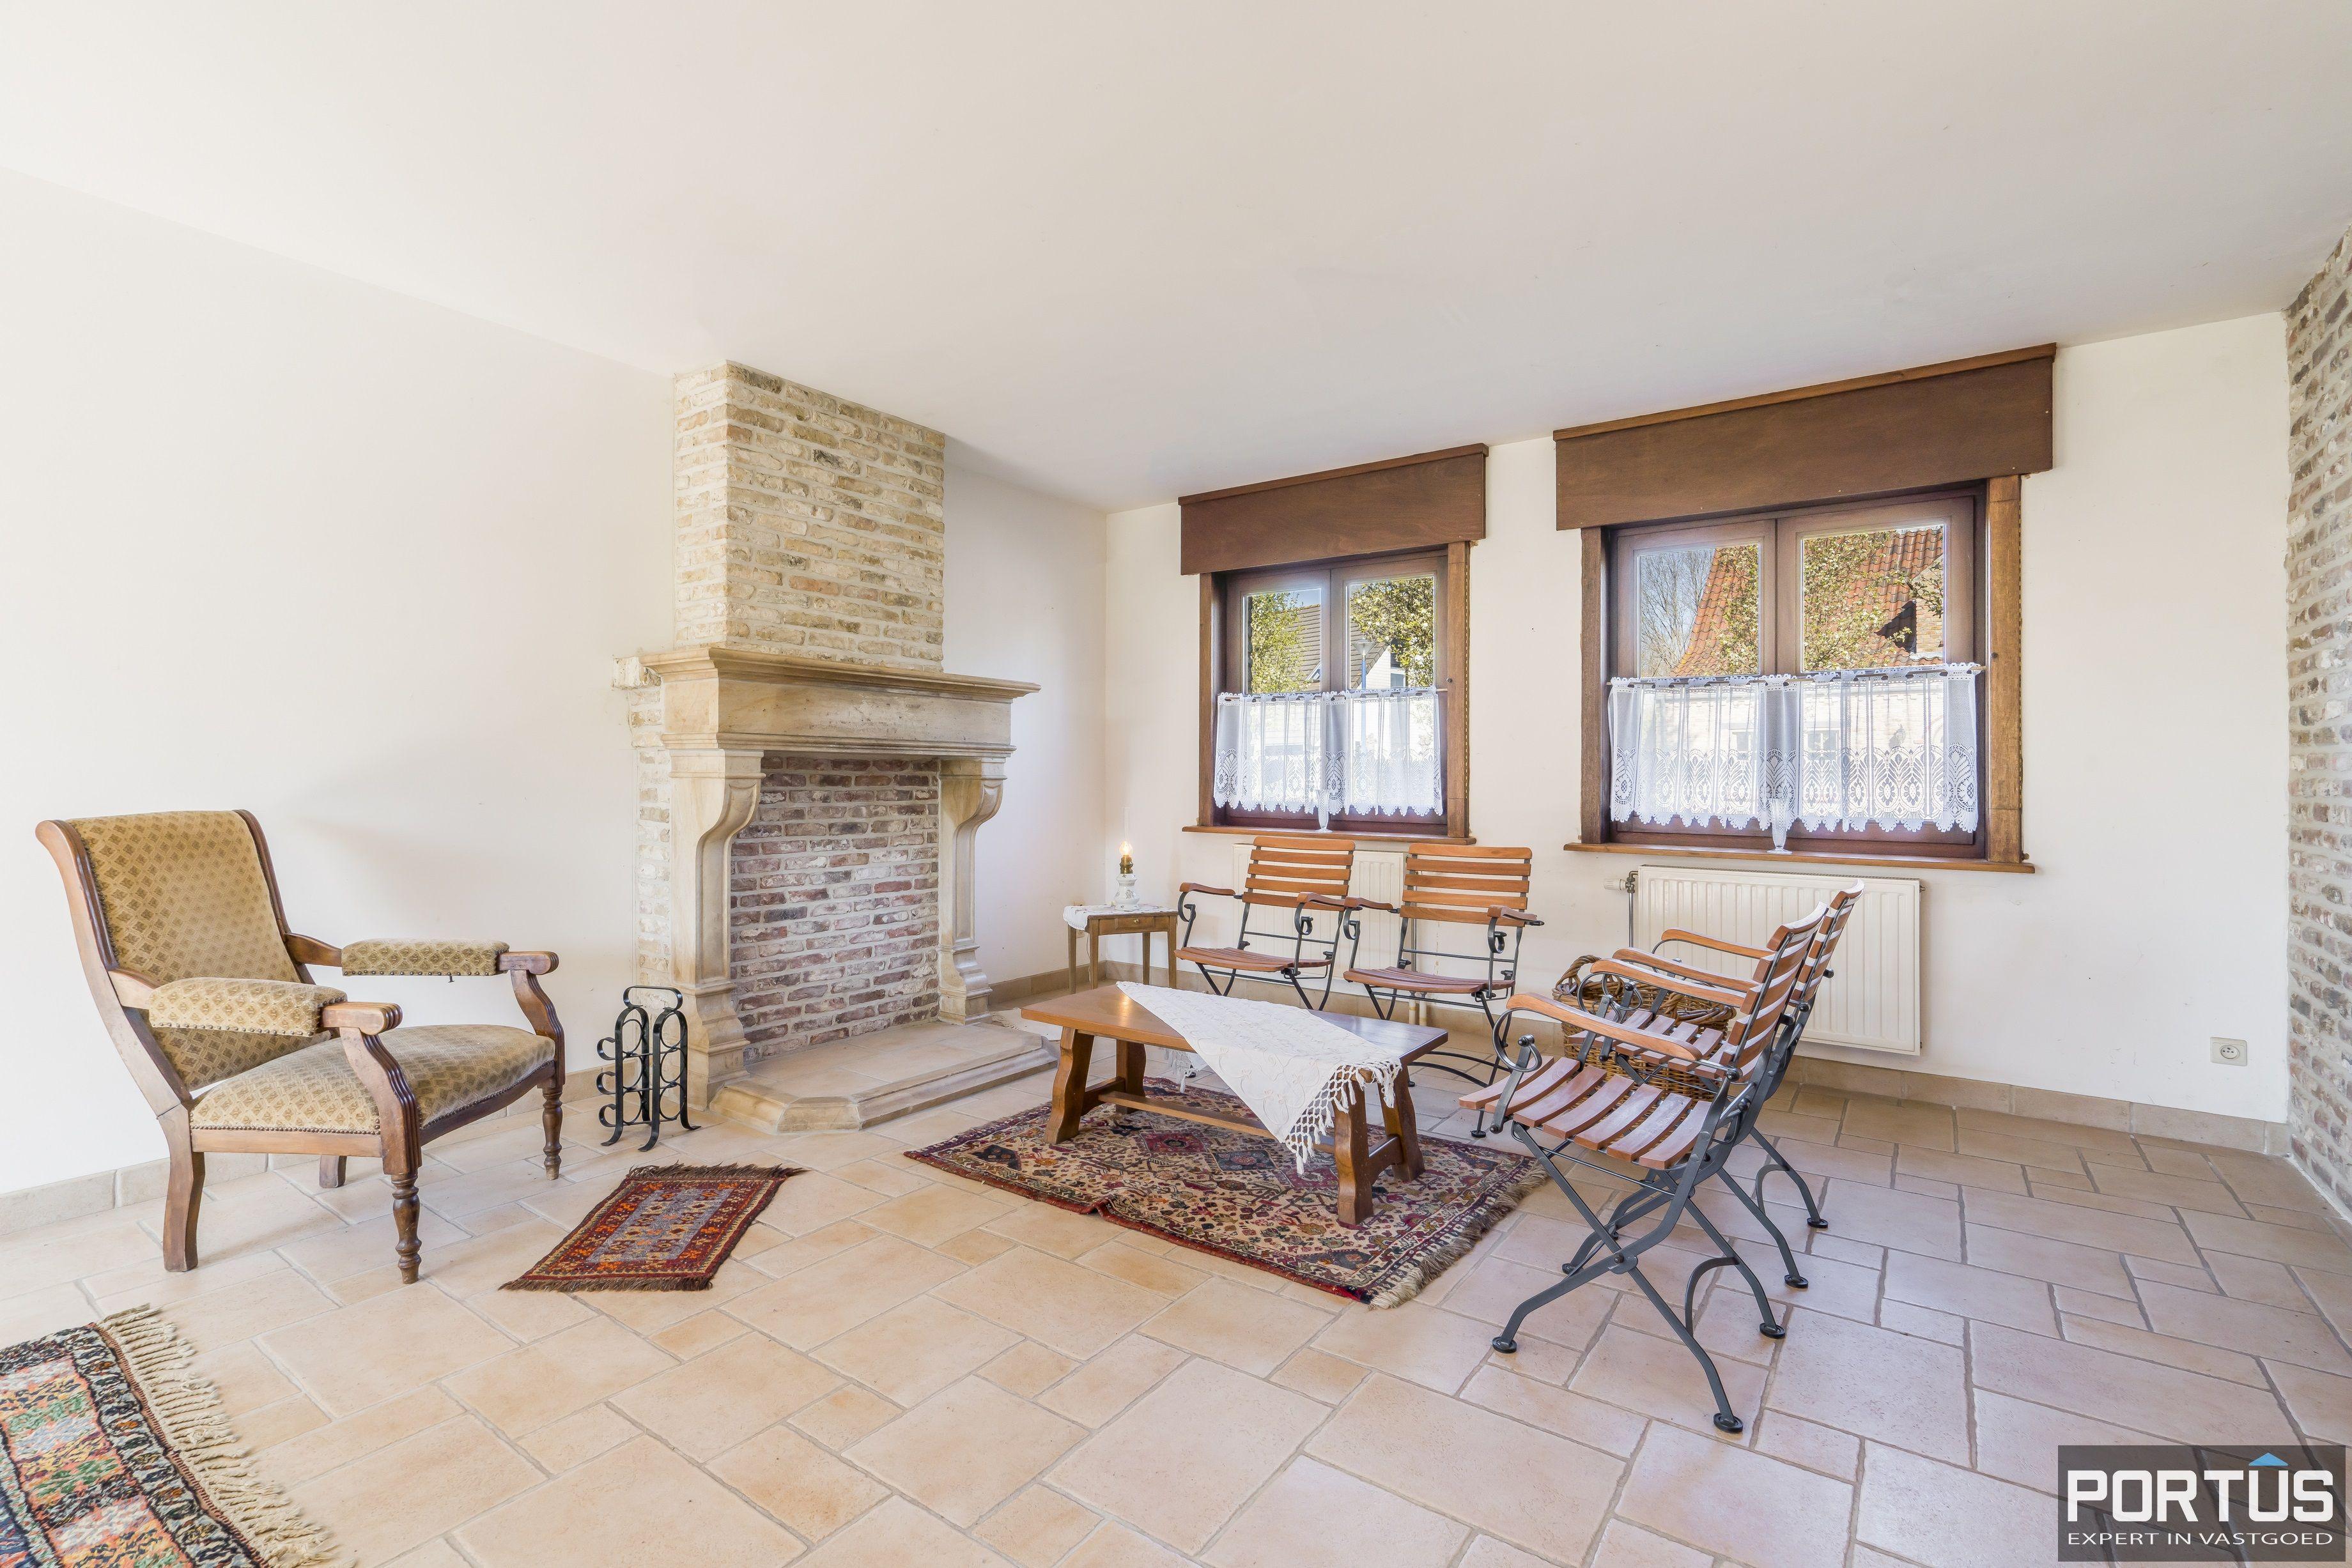 Woning te koop met 4 slaapkamers te Oostduinkerke - 12594